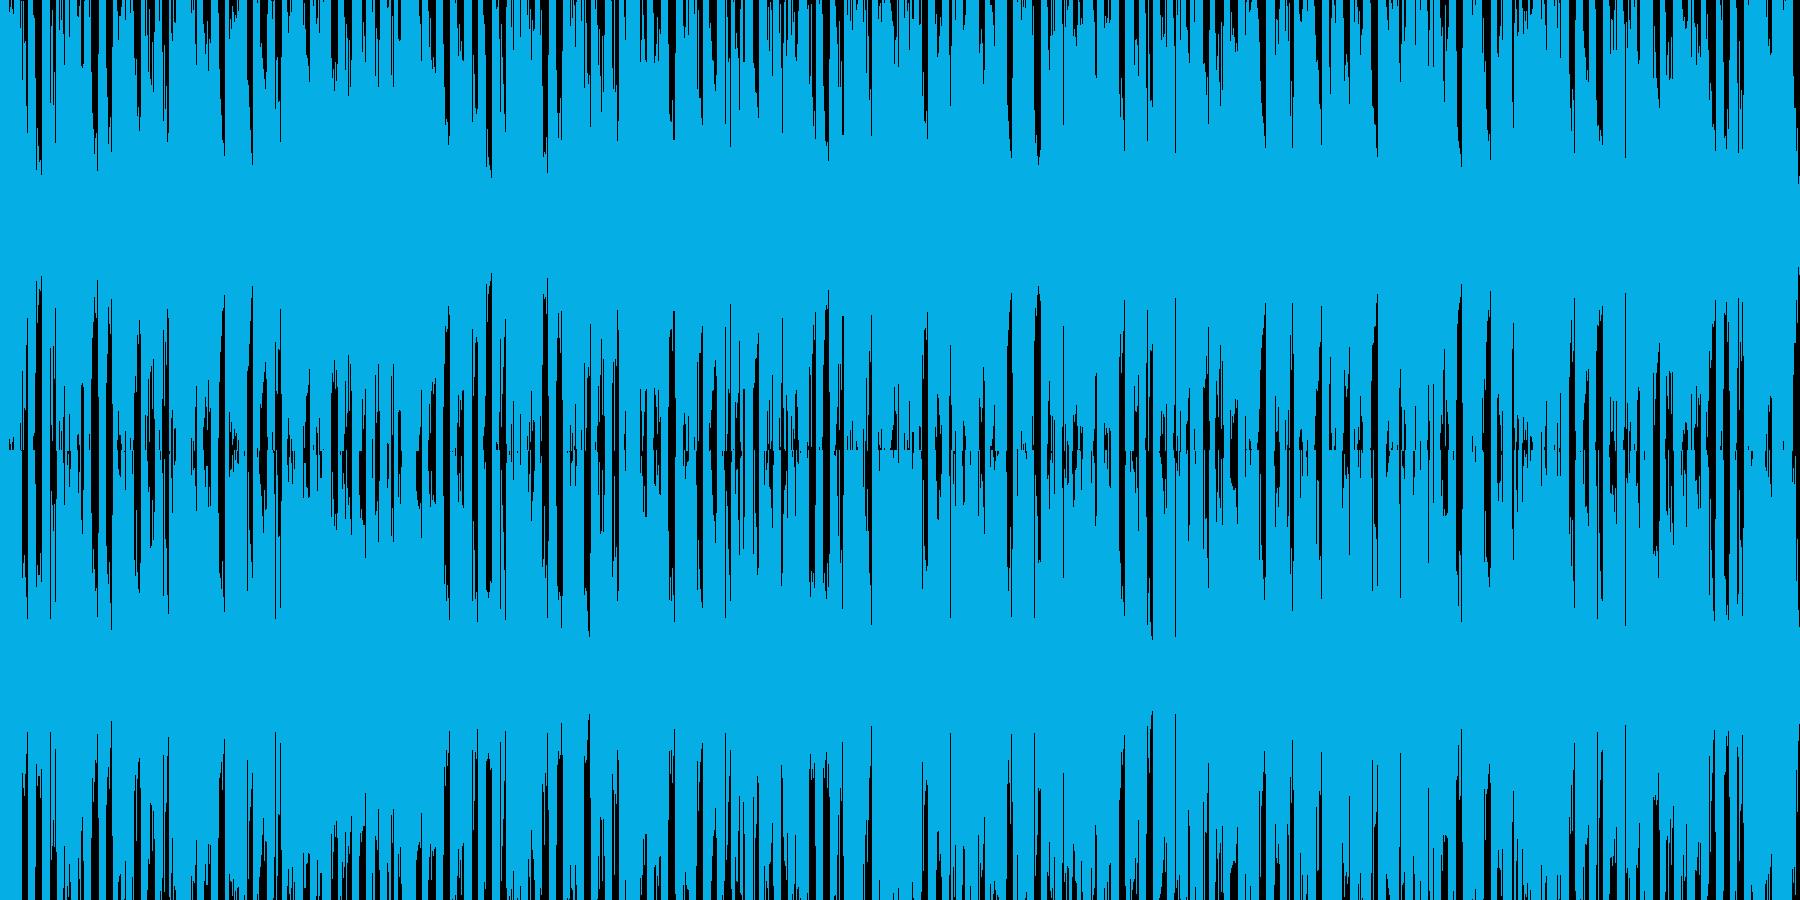 ジングルベル スキャット入り2 ループの再生済みの波形